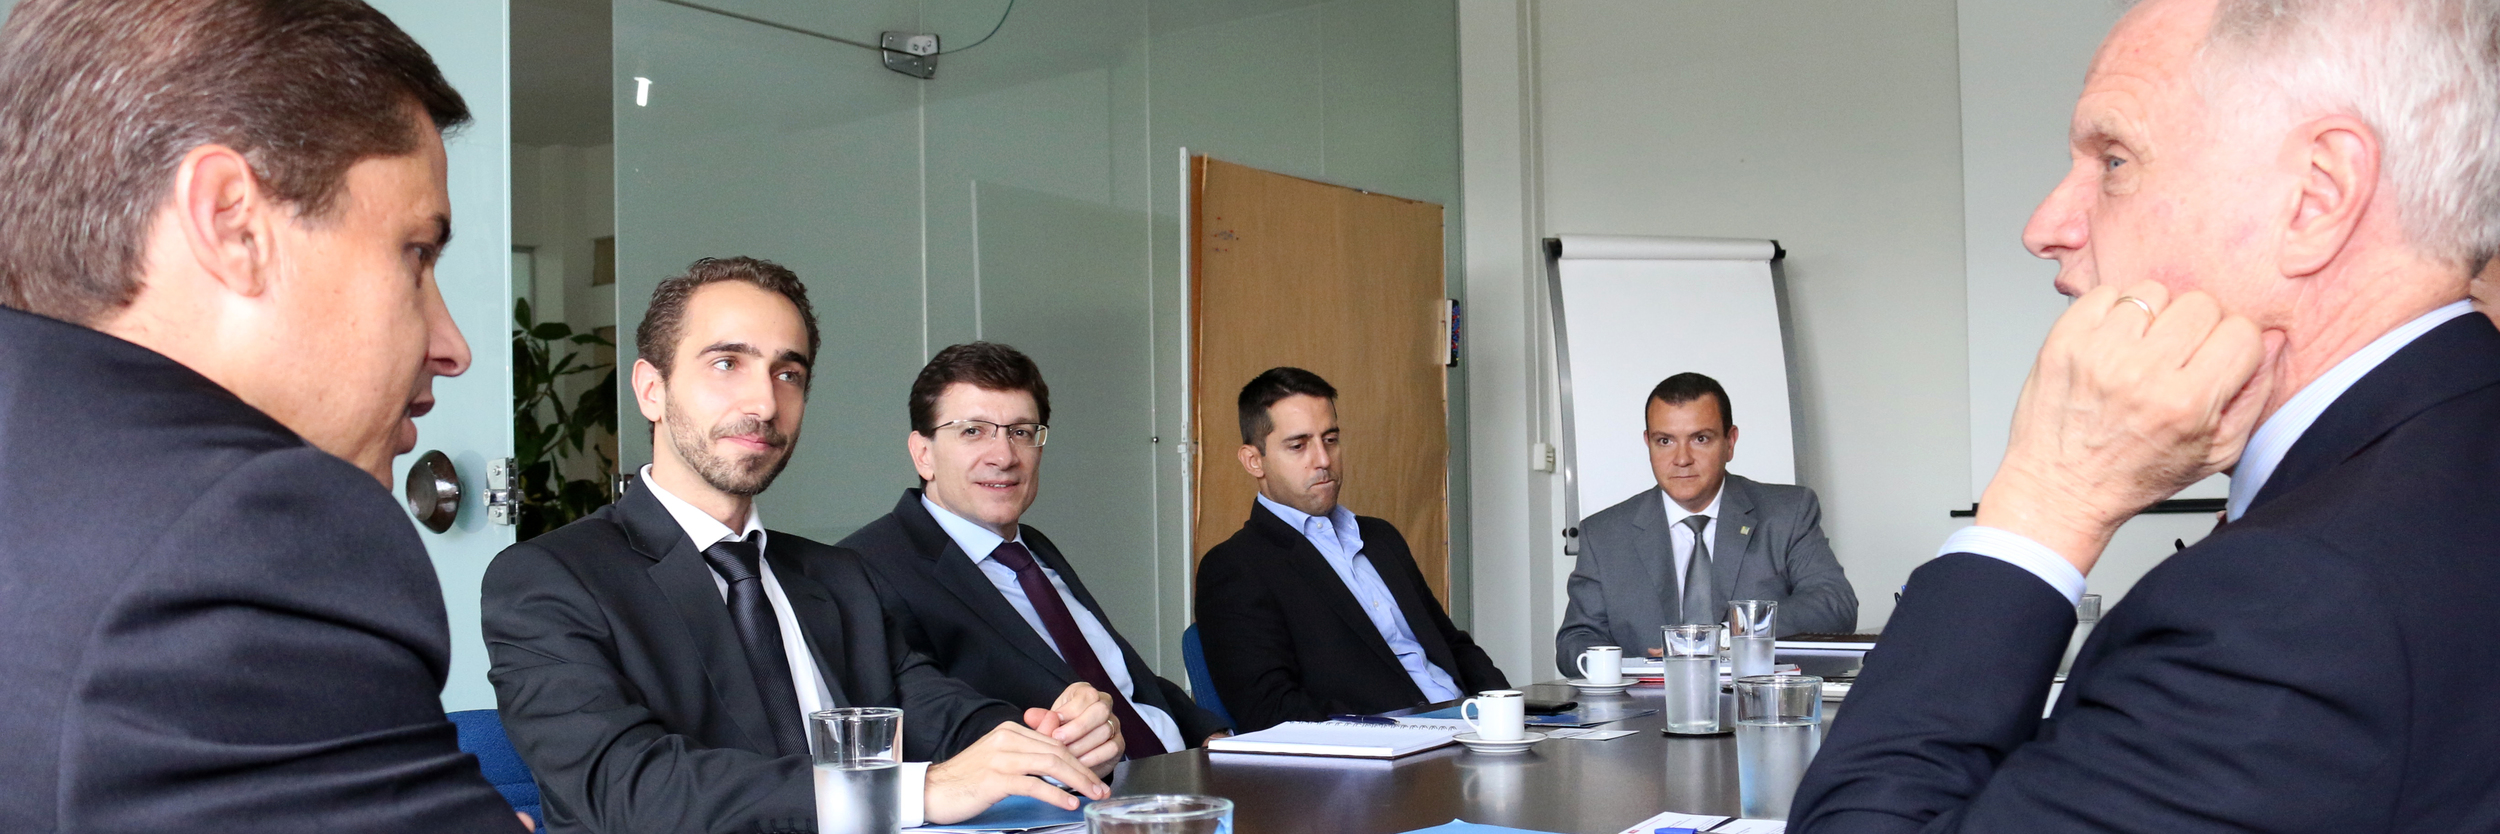 Possibilidade de parceria entre ENAP e Columbia em discussão